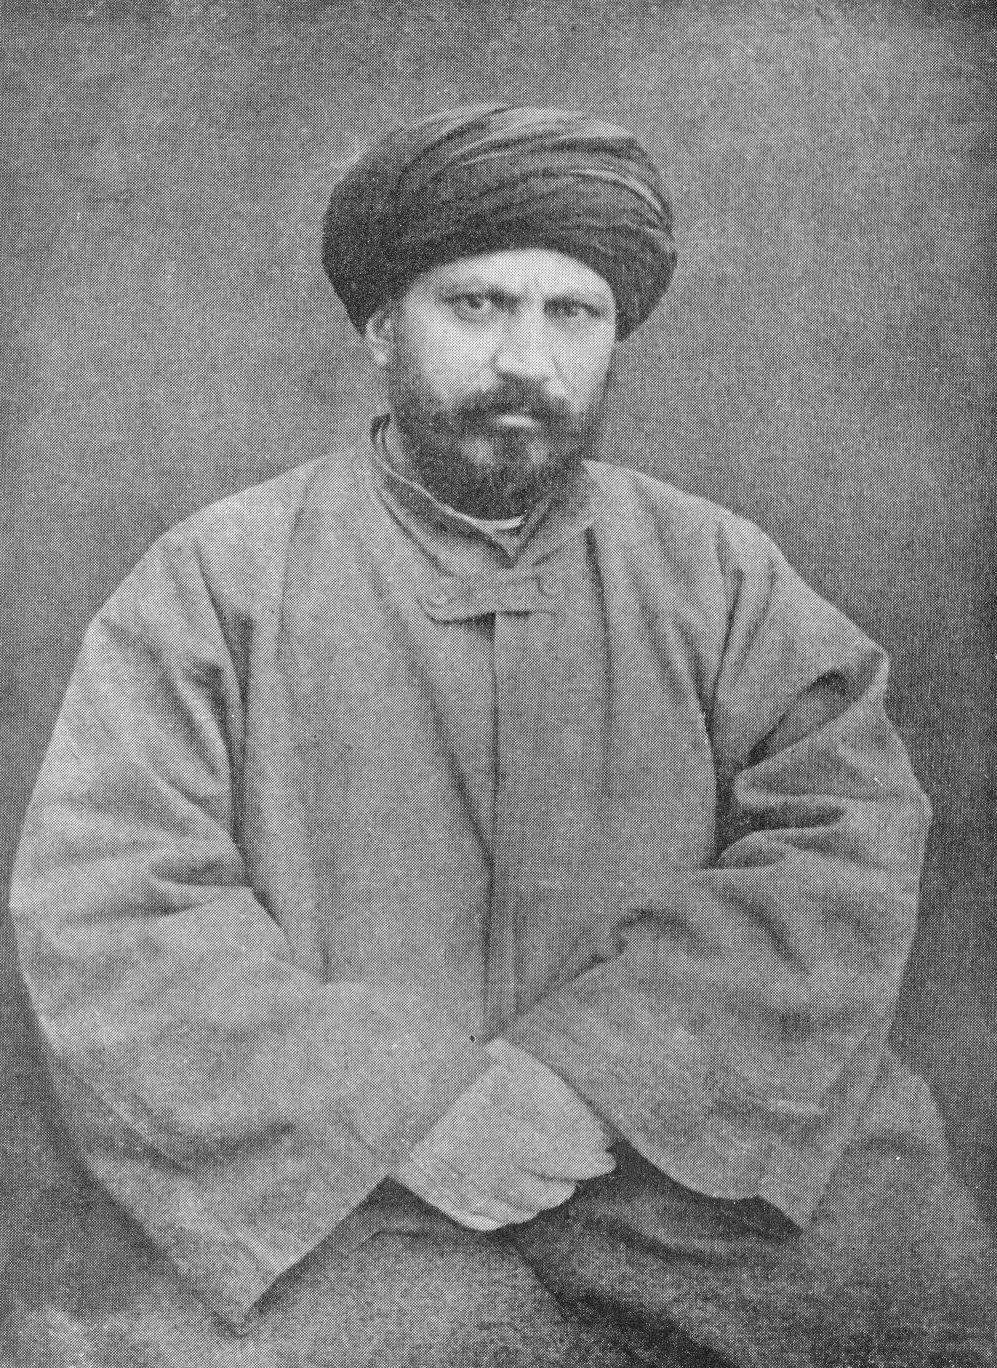 Der wohl bekannteste Reformer, Jamal ad-Din Afghani. (Quelle: Wikimedia Commons, gemeinfrei)